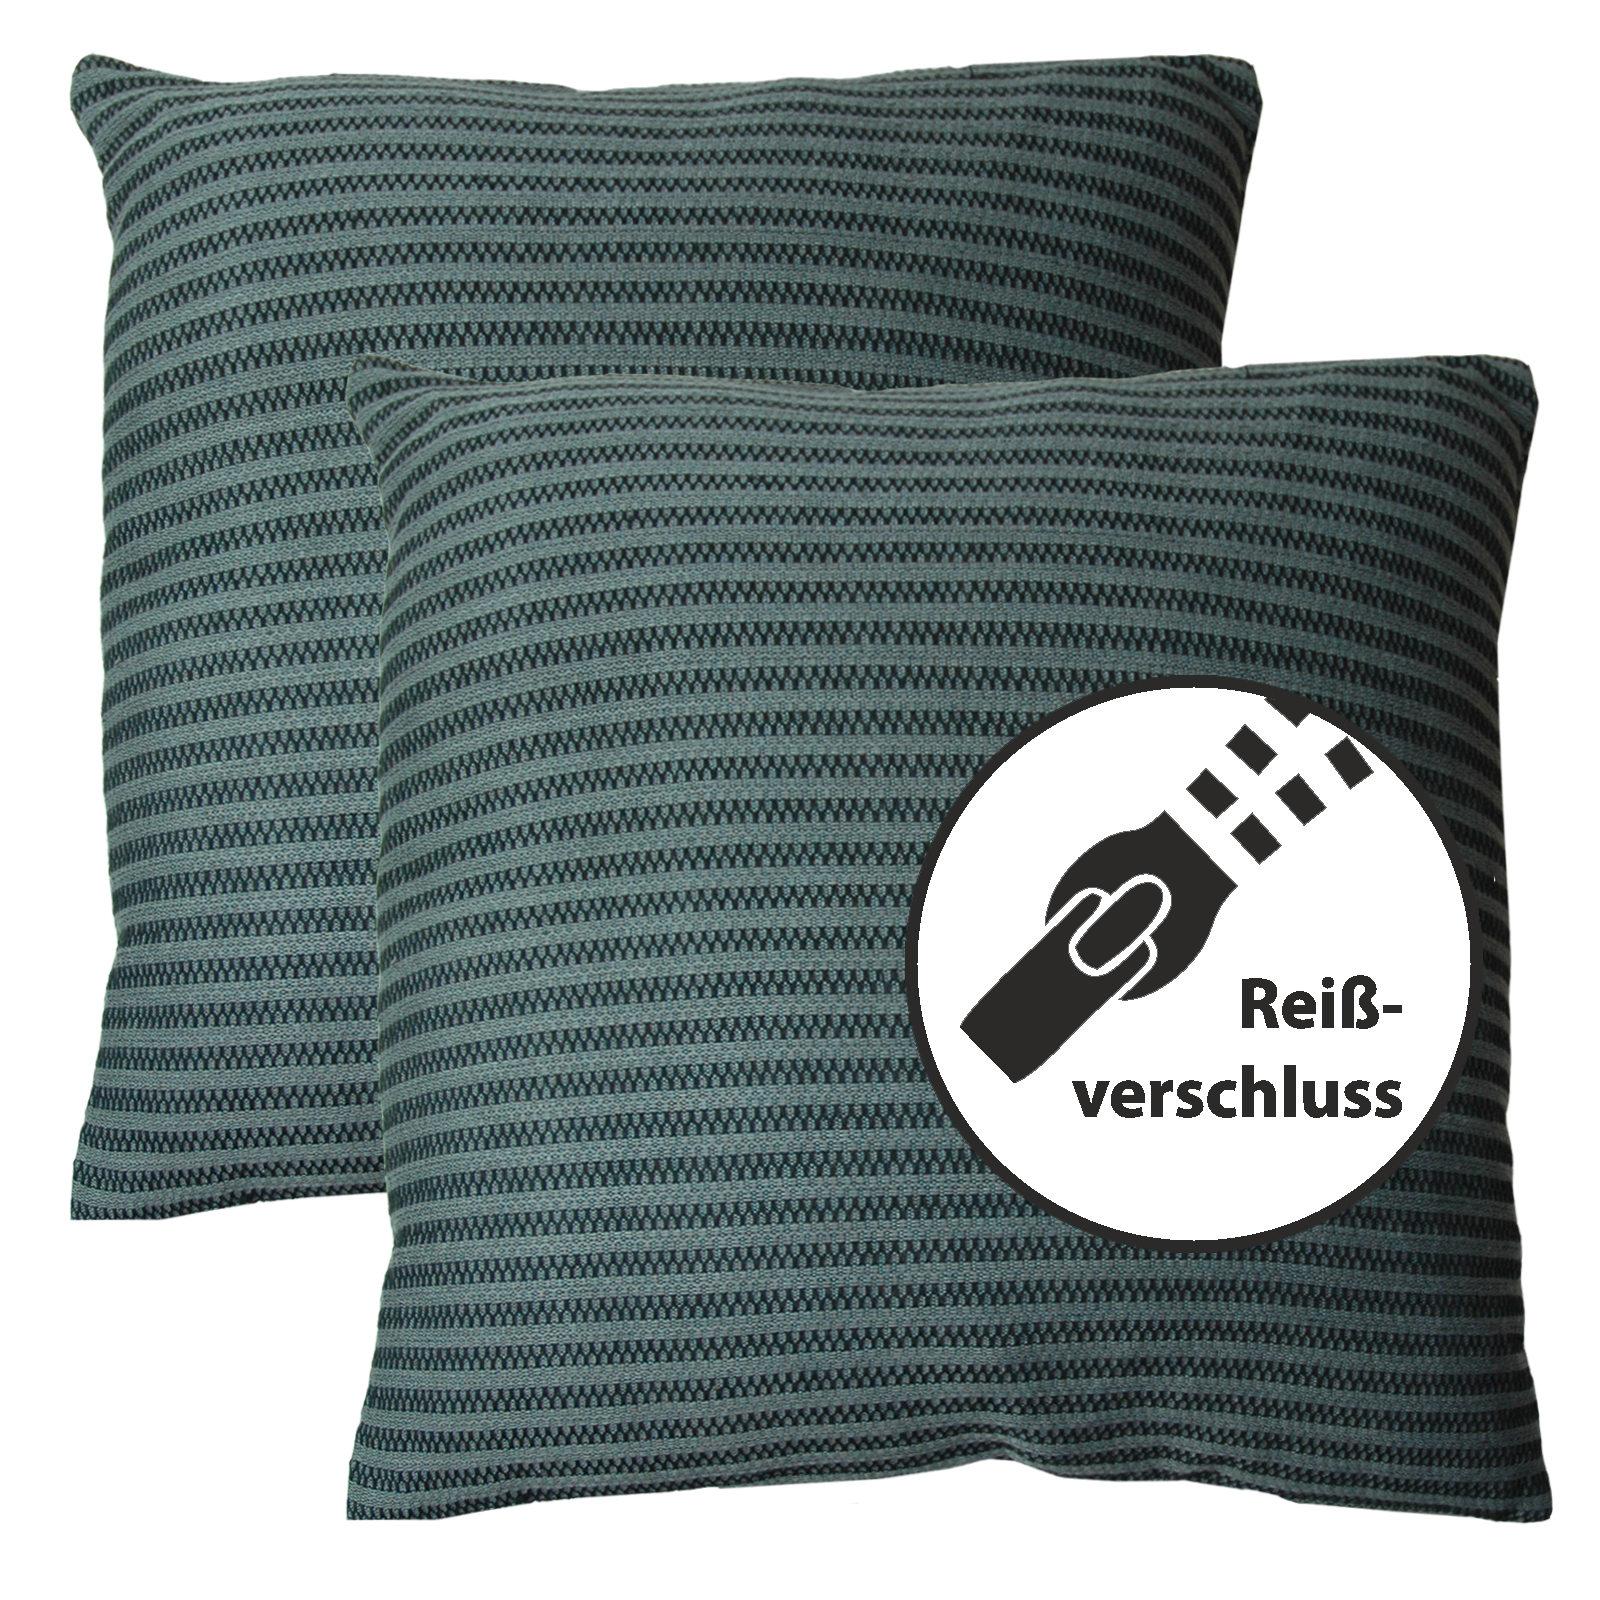 dekokissen sofakissen 45x45 zierkissen couchkissen kissen deko 2er set ebay. Black Bedroom Furniture Sets. Home Design Ideas